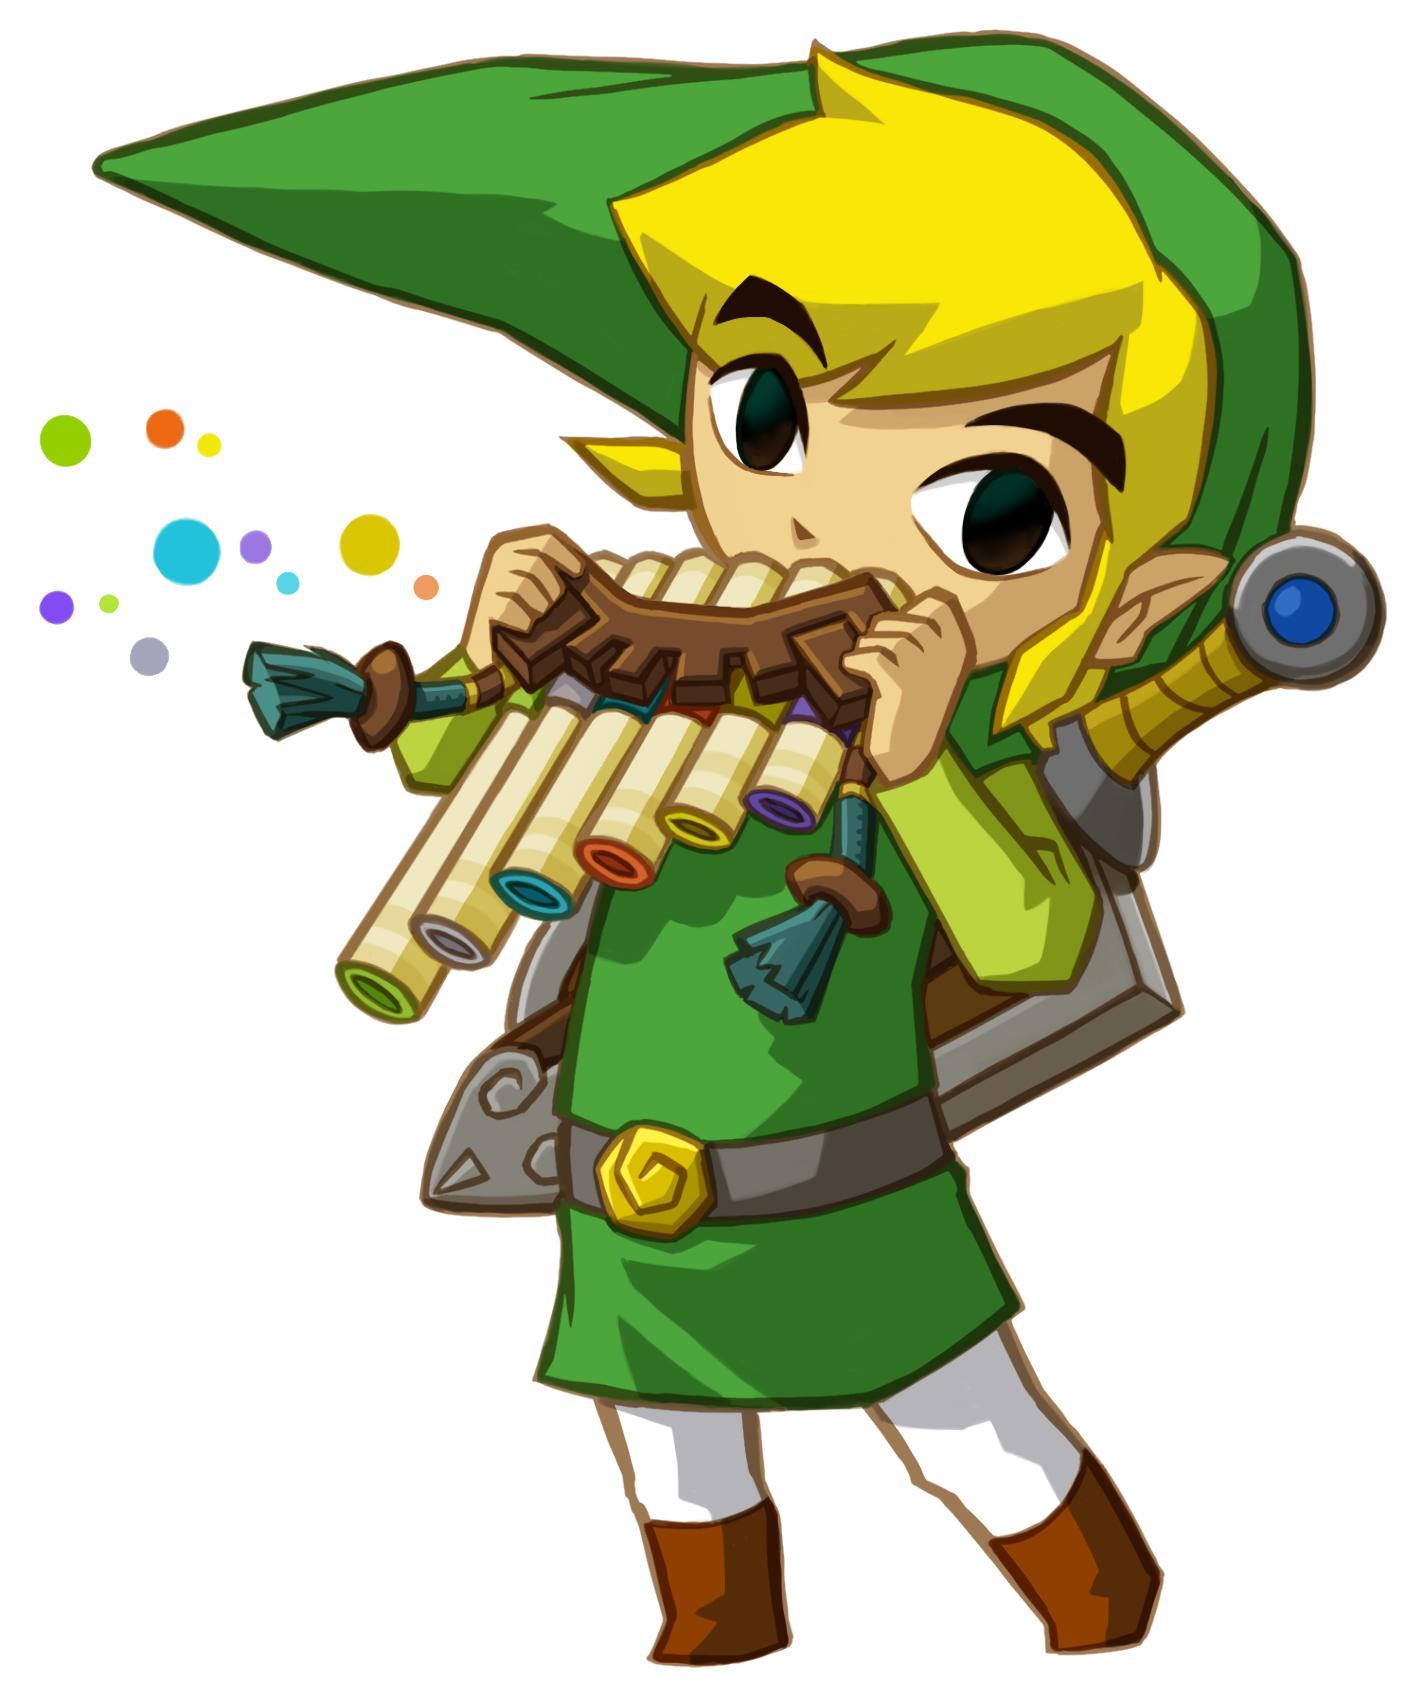 Zelda characters birthday clipart banner library library Free Zelda Cliparts, Download Free Clip Art, Free Clip Art ... banner library library